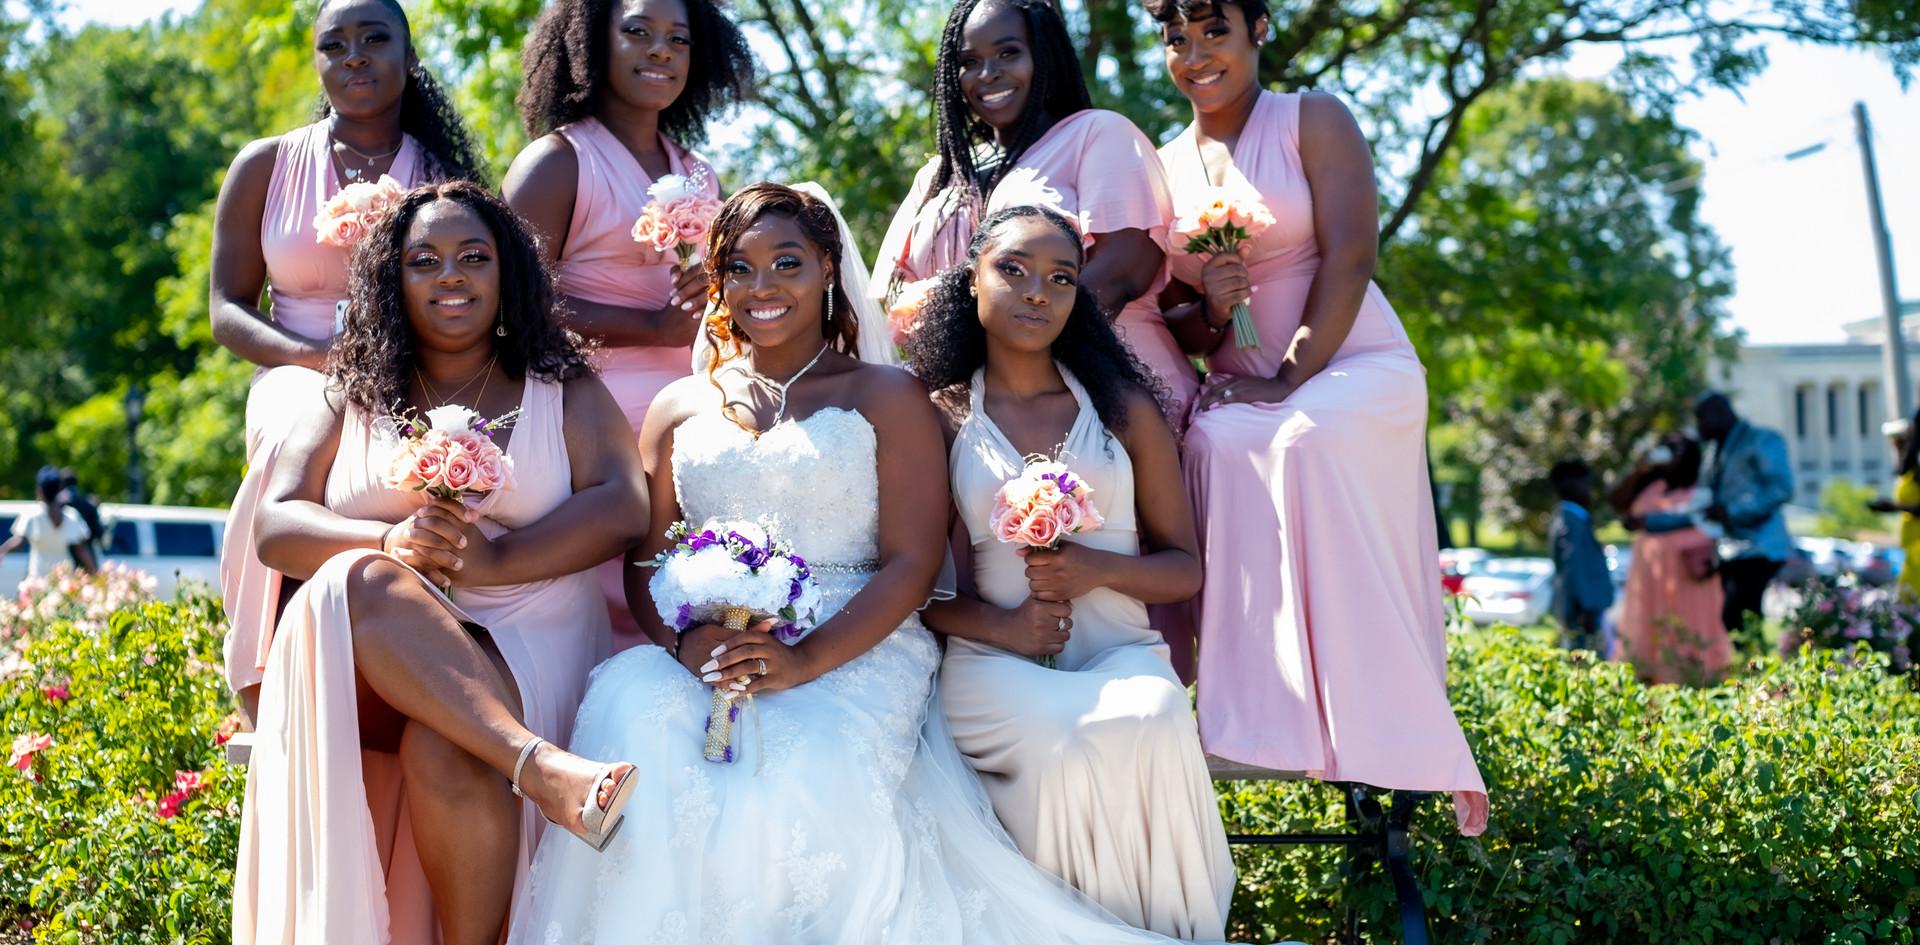 ju-bianca-wedding-231.jpg